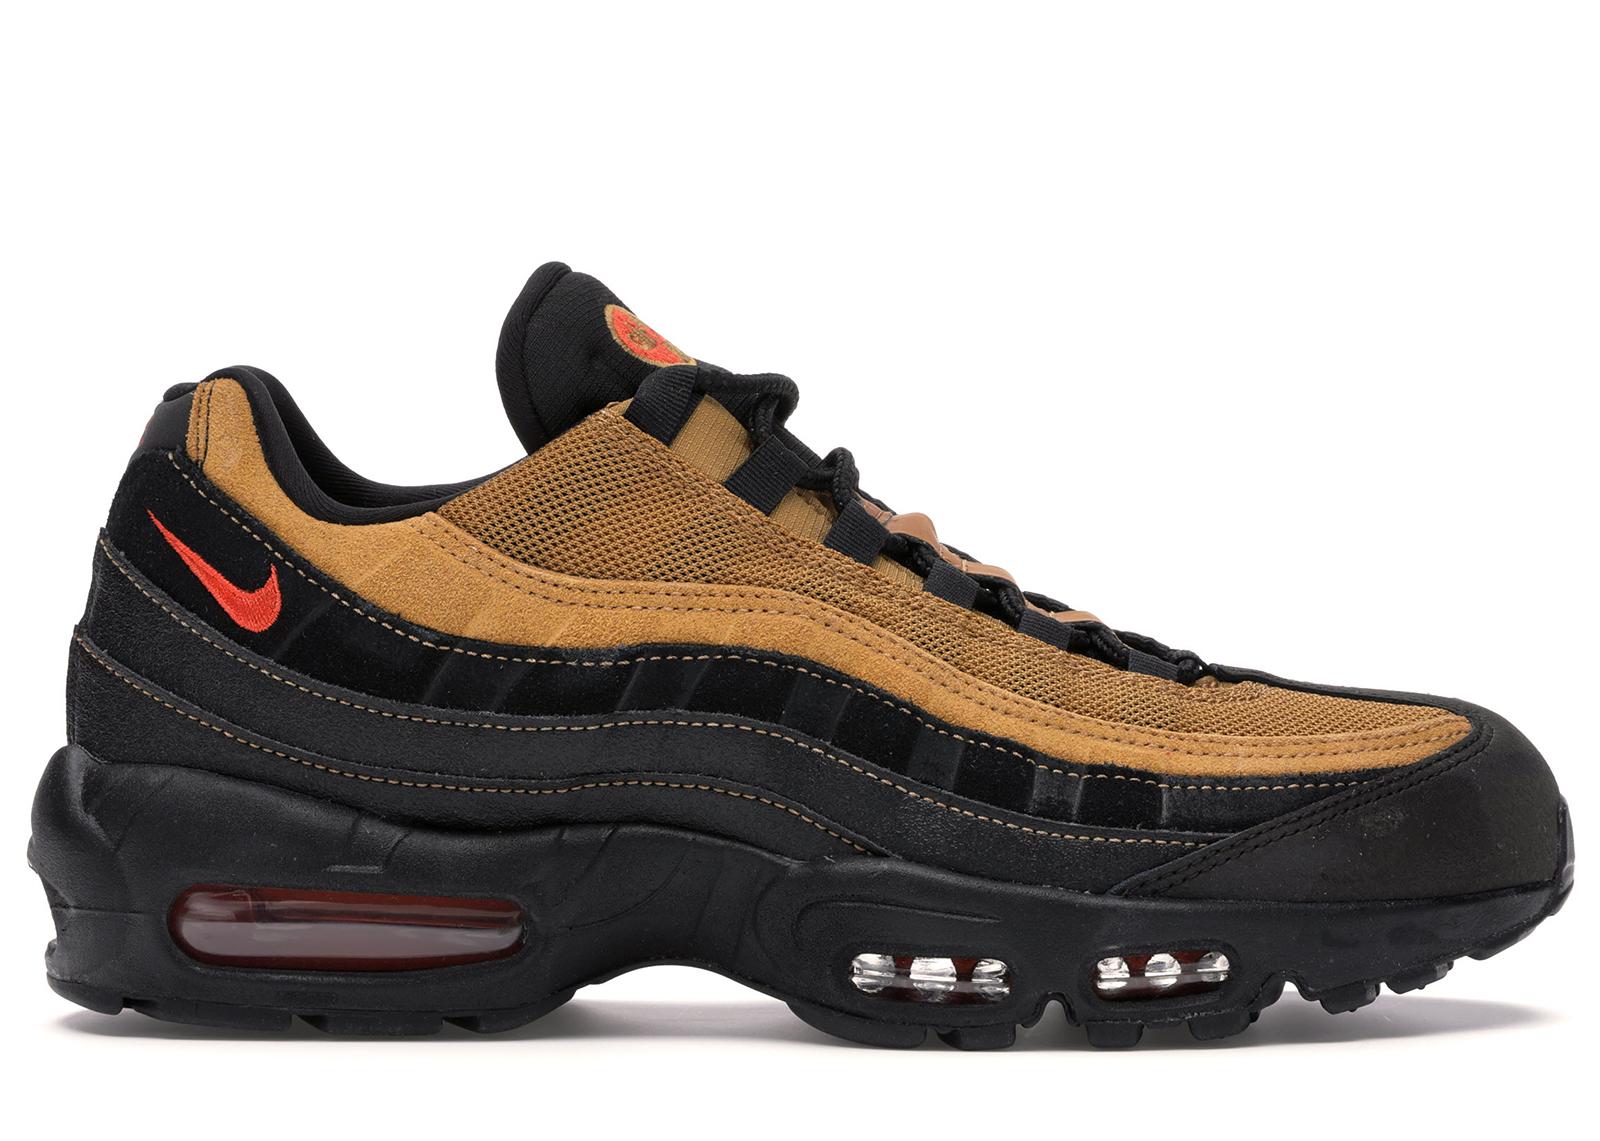 Nike Air Max 95 Black Wheat